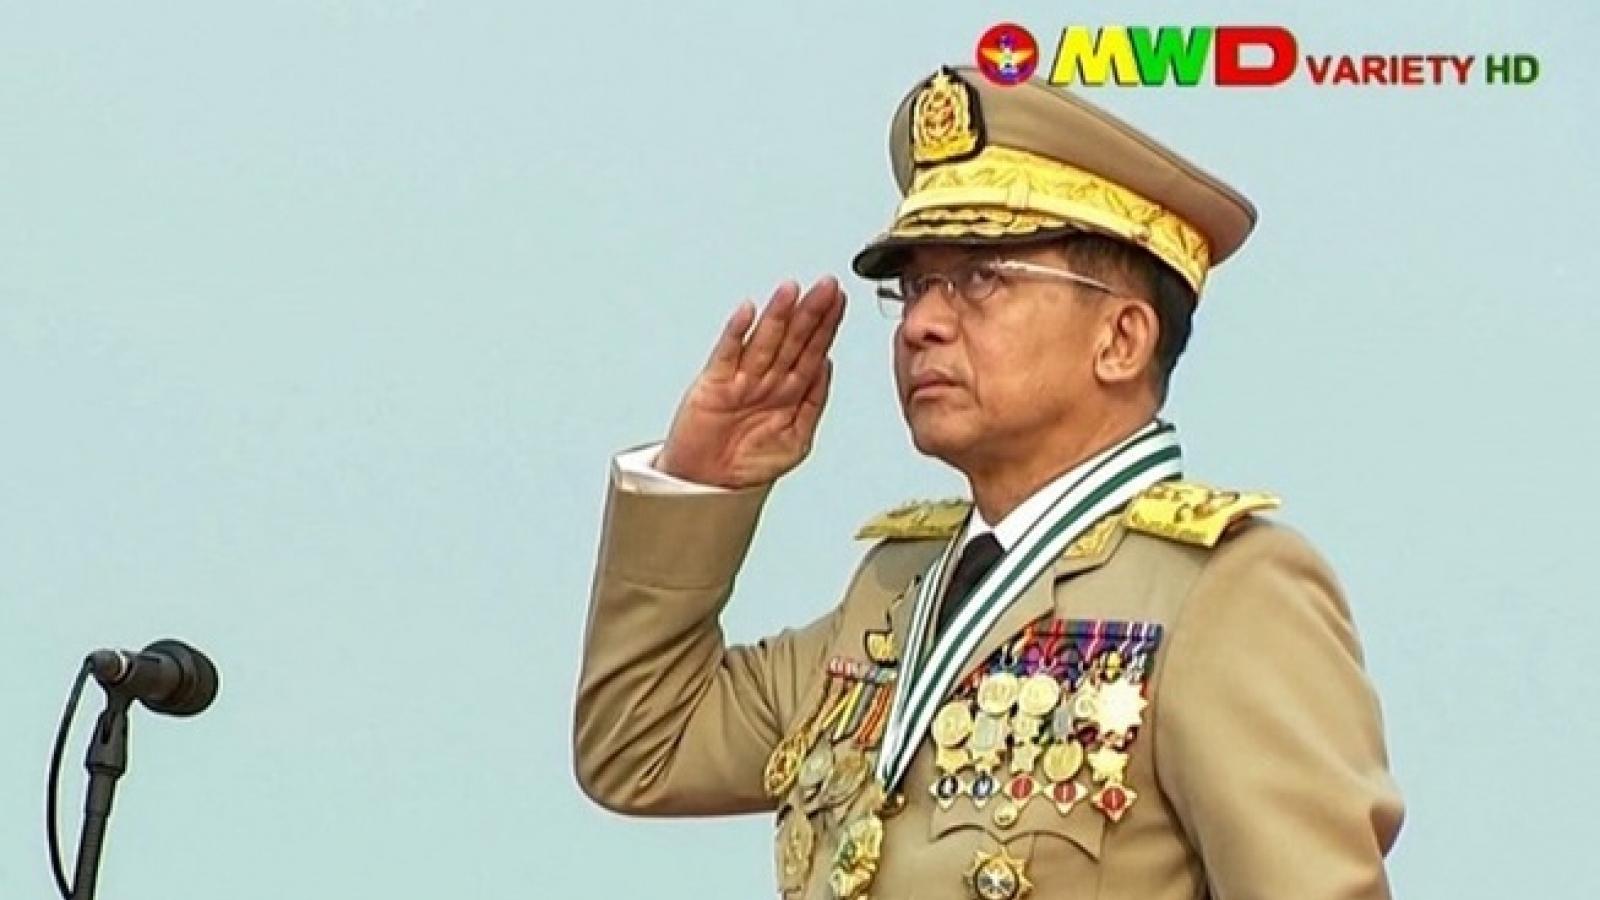 Bước đi đầu tiên thực thi 5 điểm về Myanmar được quốc tế hoan nghênh